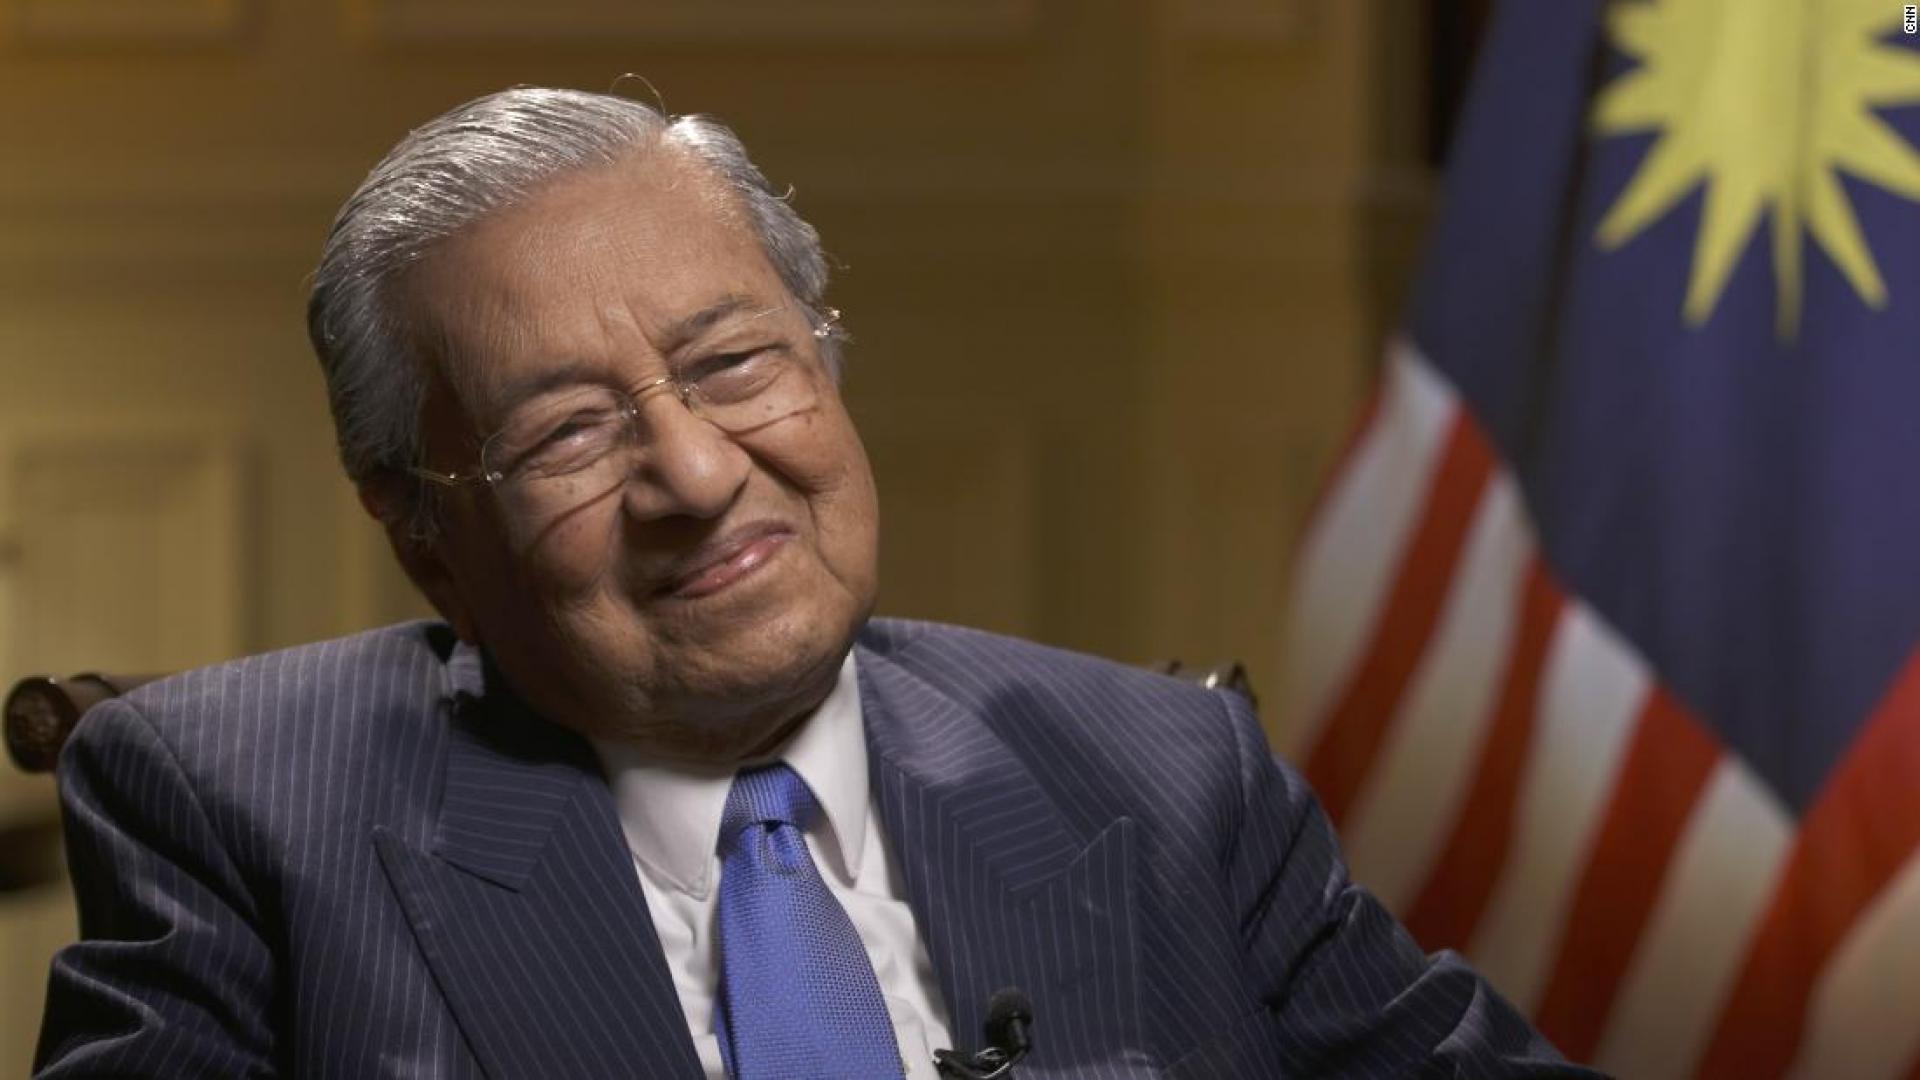 رئيس الوزراء الماليزي يبحث مع وزير الخارجية البريطاني تعزيز العلاقات